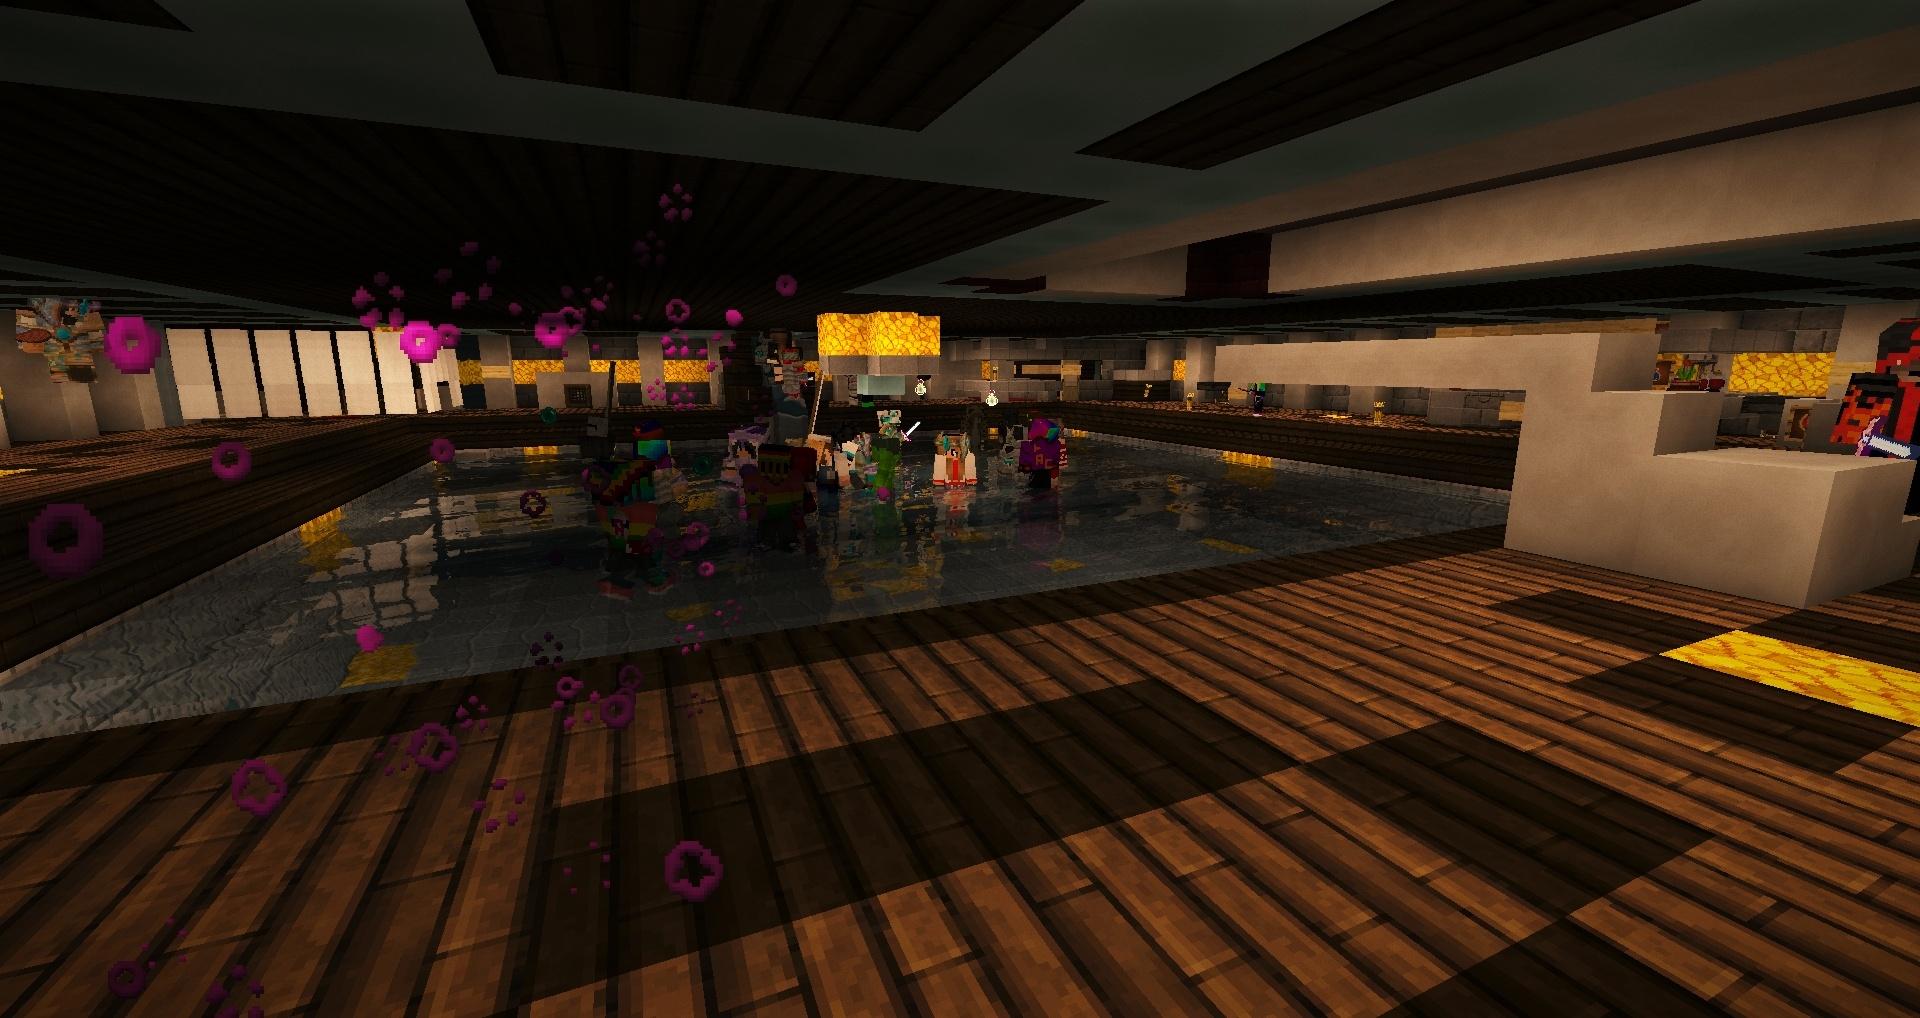 La piscine hippicipale de crafto37 !